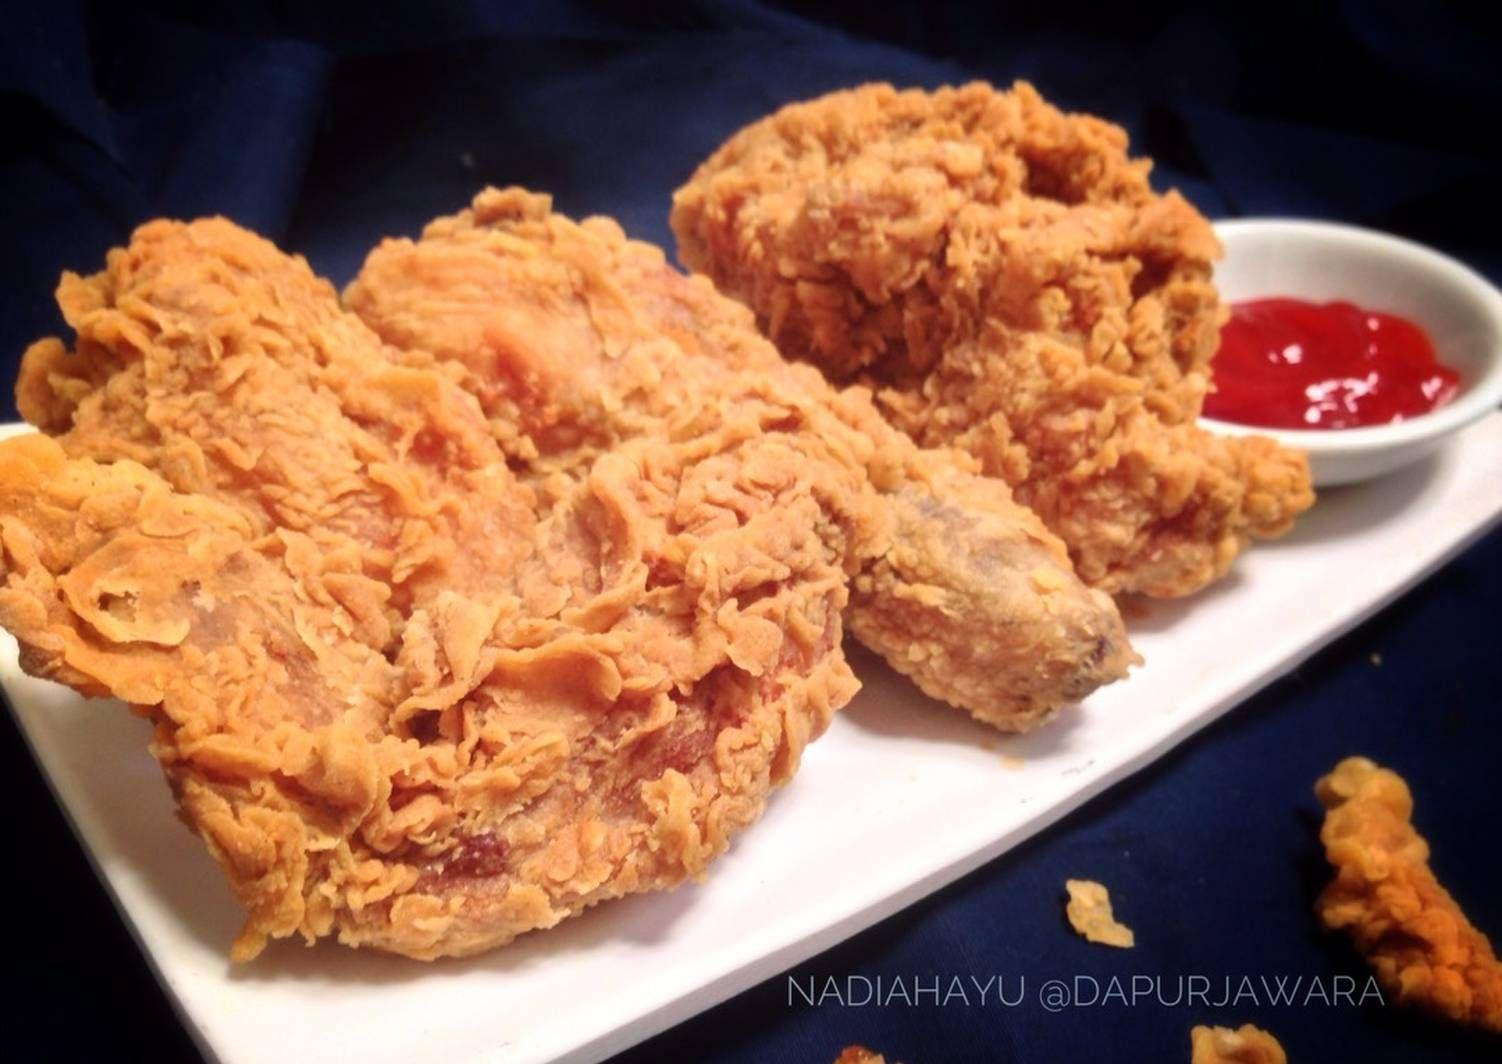 Resep Jawara Fried Chicken Ayam Goreng Tepung Krispi Ala Dapur Jawara Oleh Nadia Hayu Resep Ayam Goreng Makanan Resep Masakan